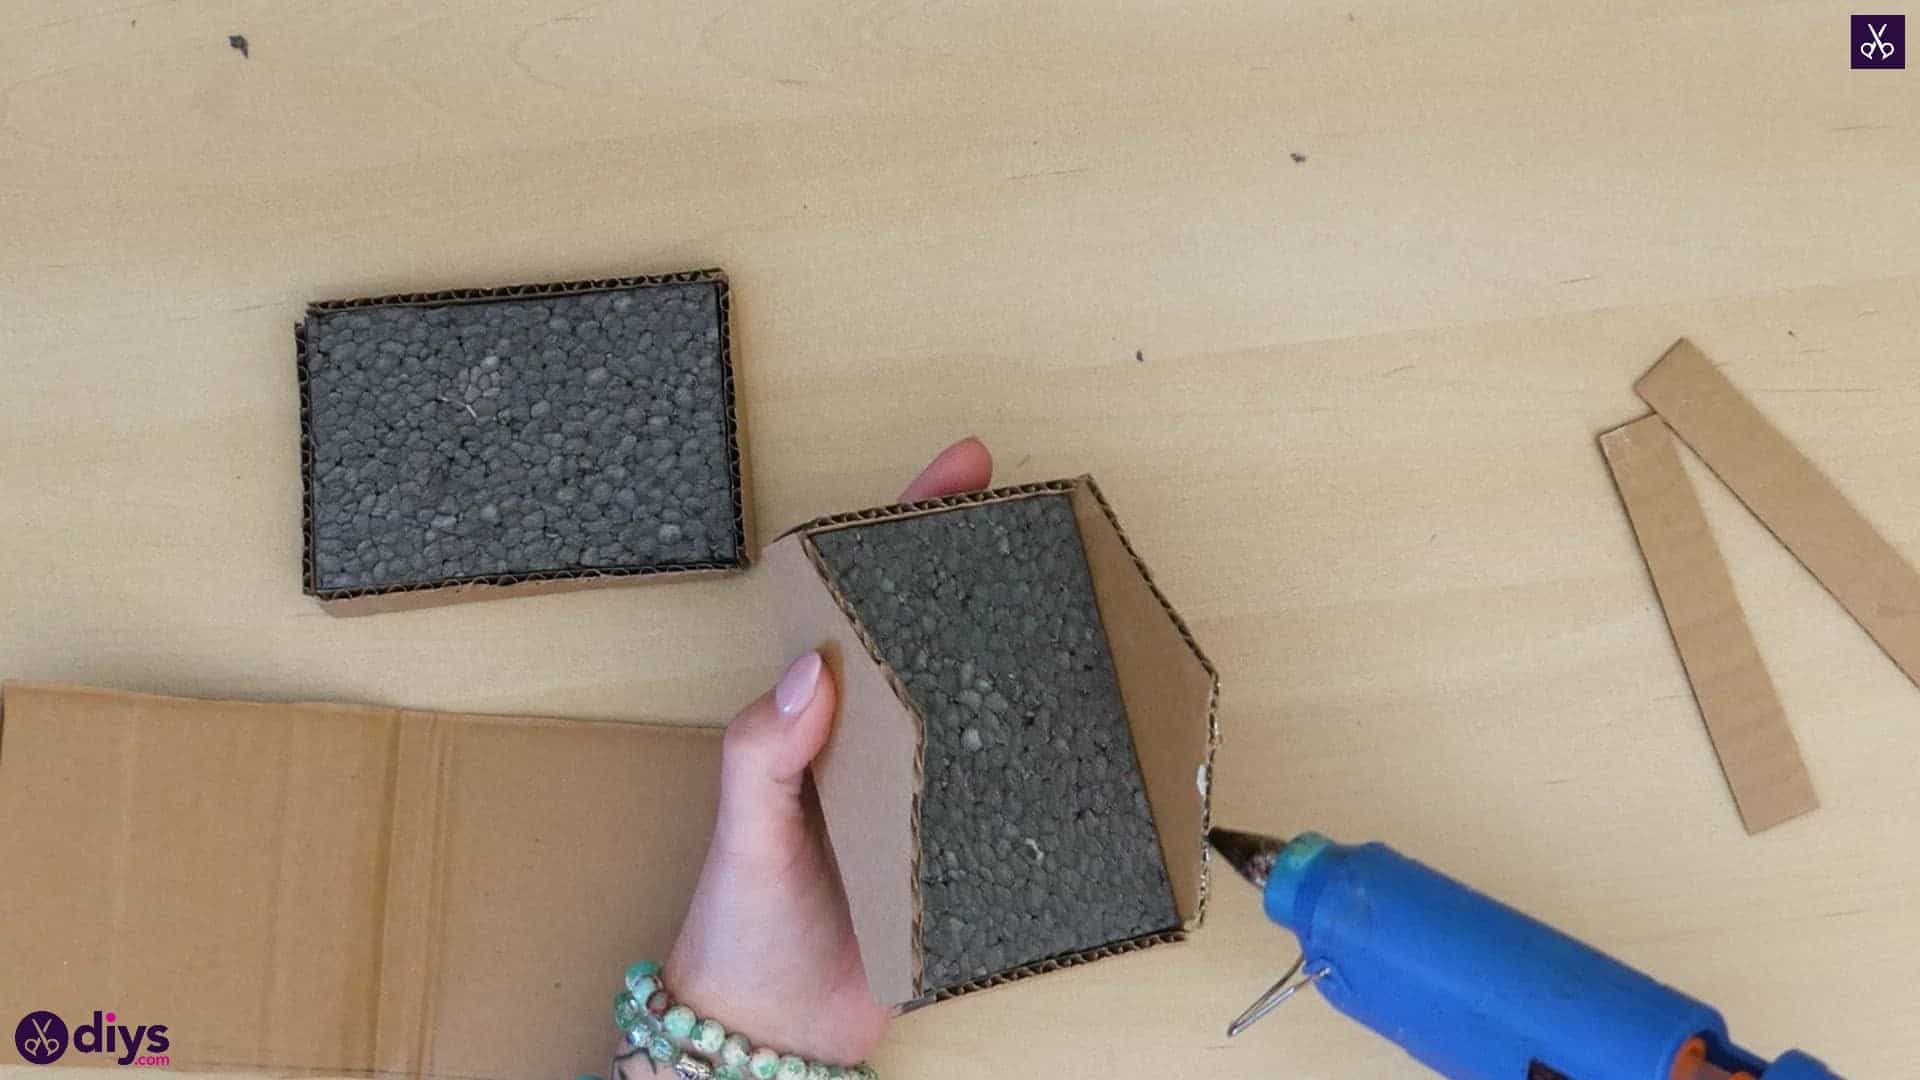 Diy miniature cage centerpiece step 5s